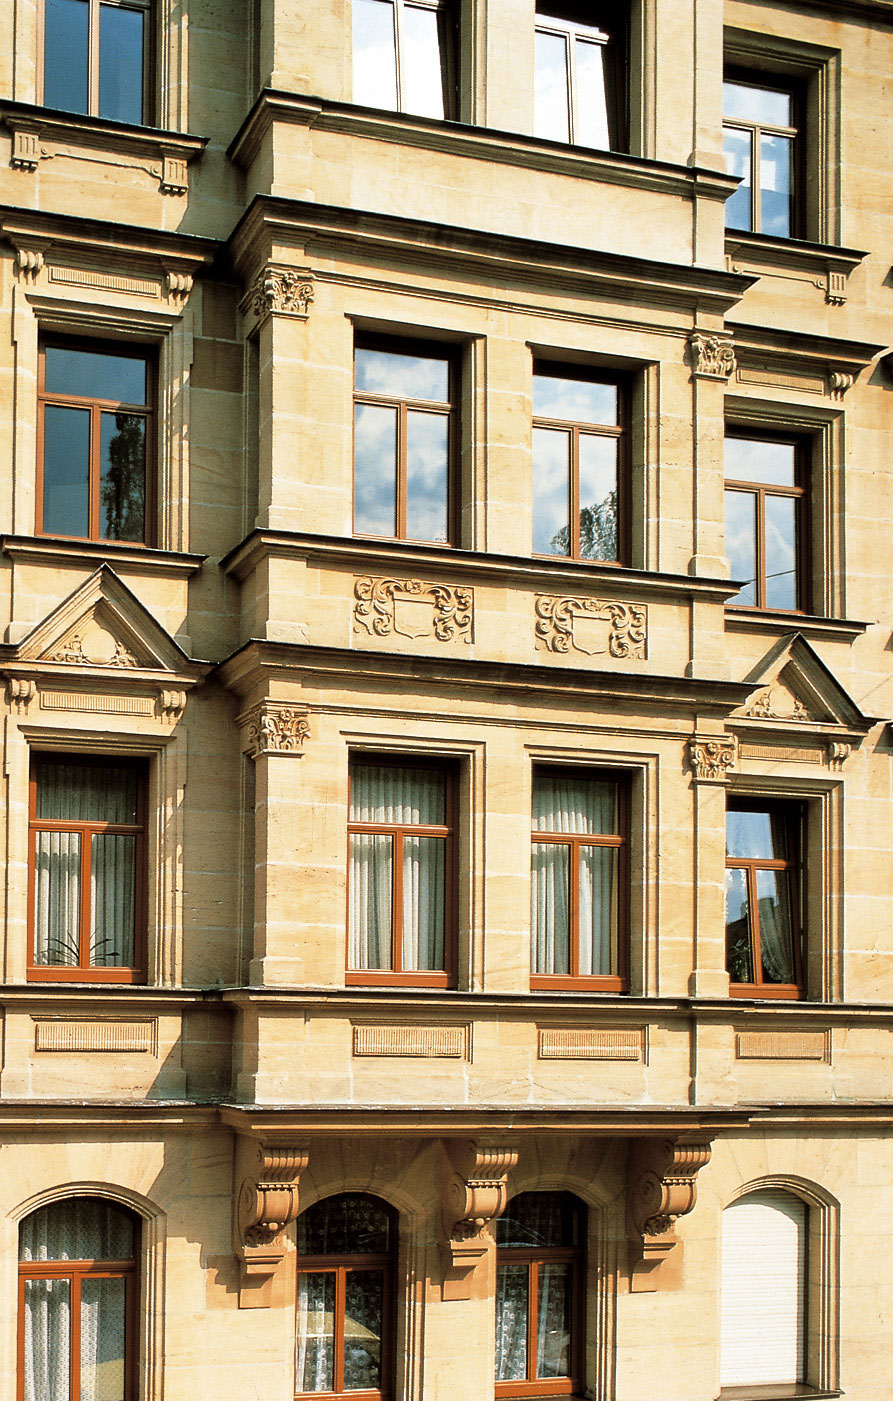 Vidrio en las ventanas, evolución e historia